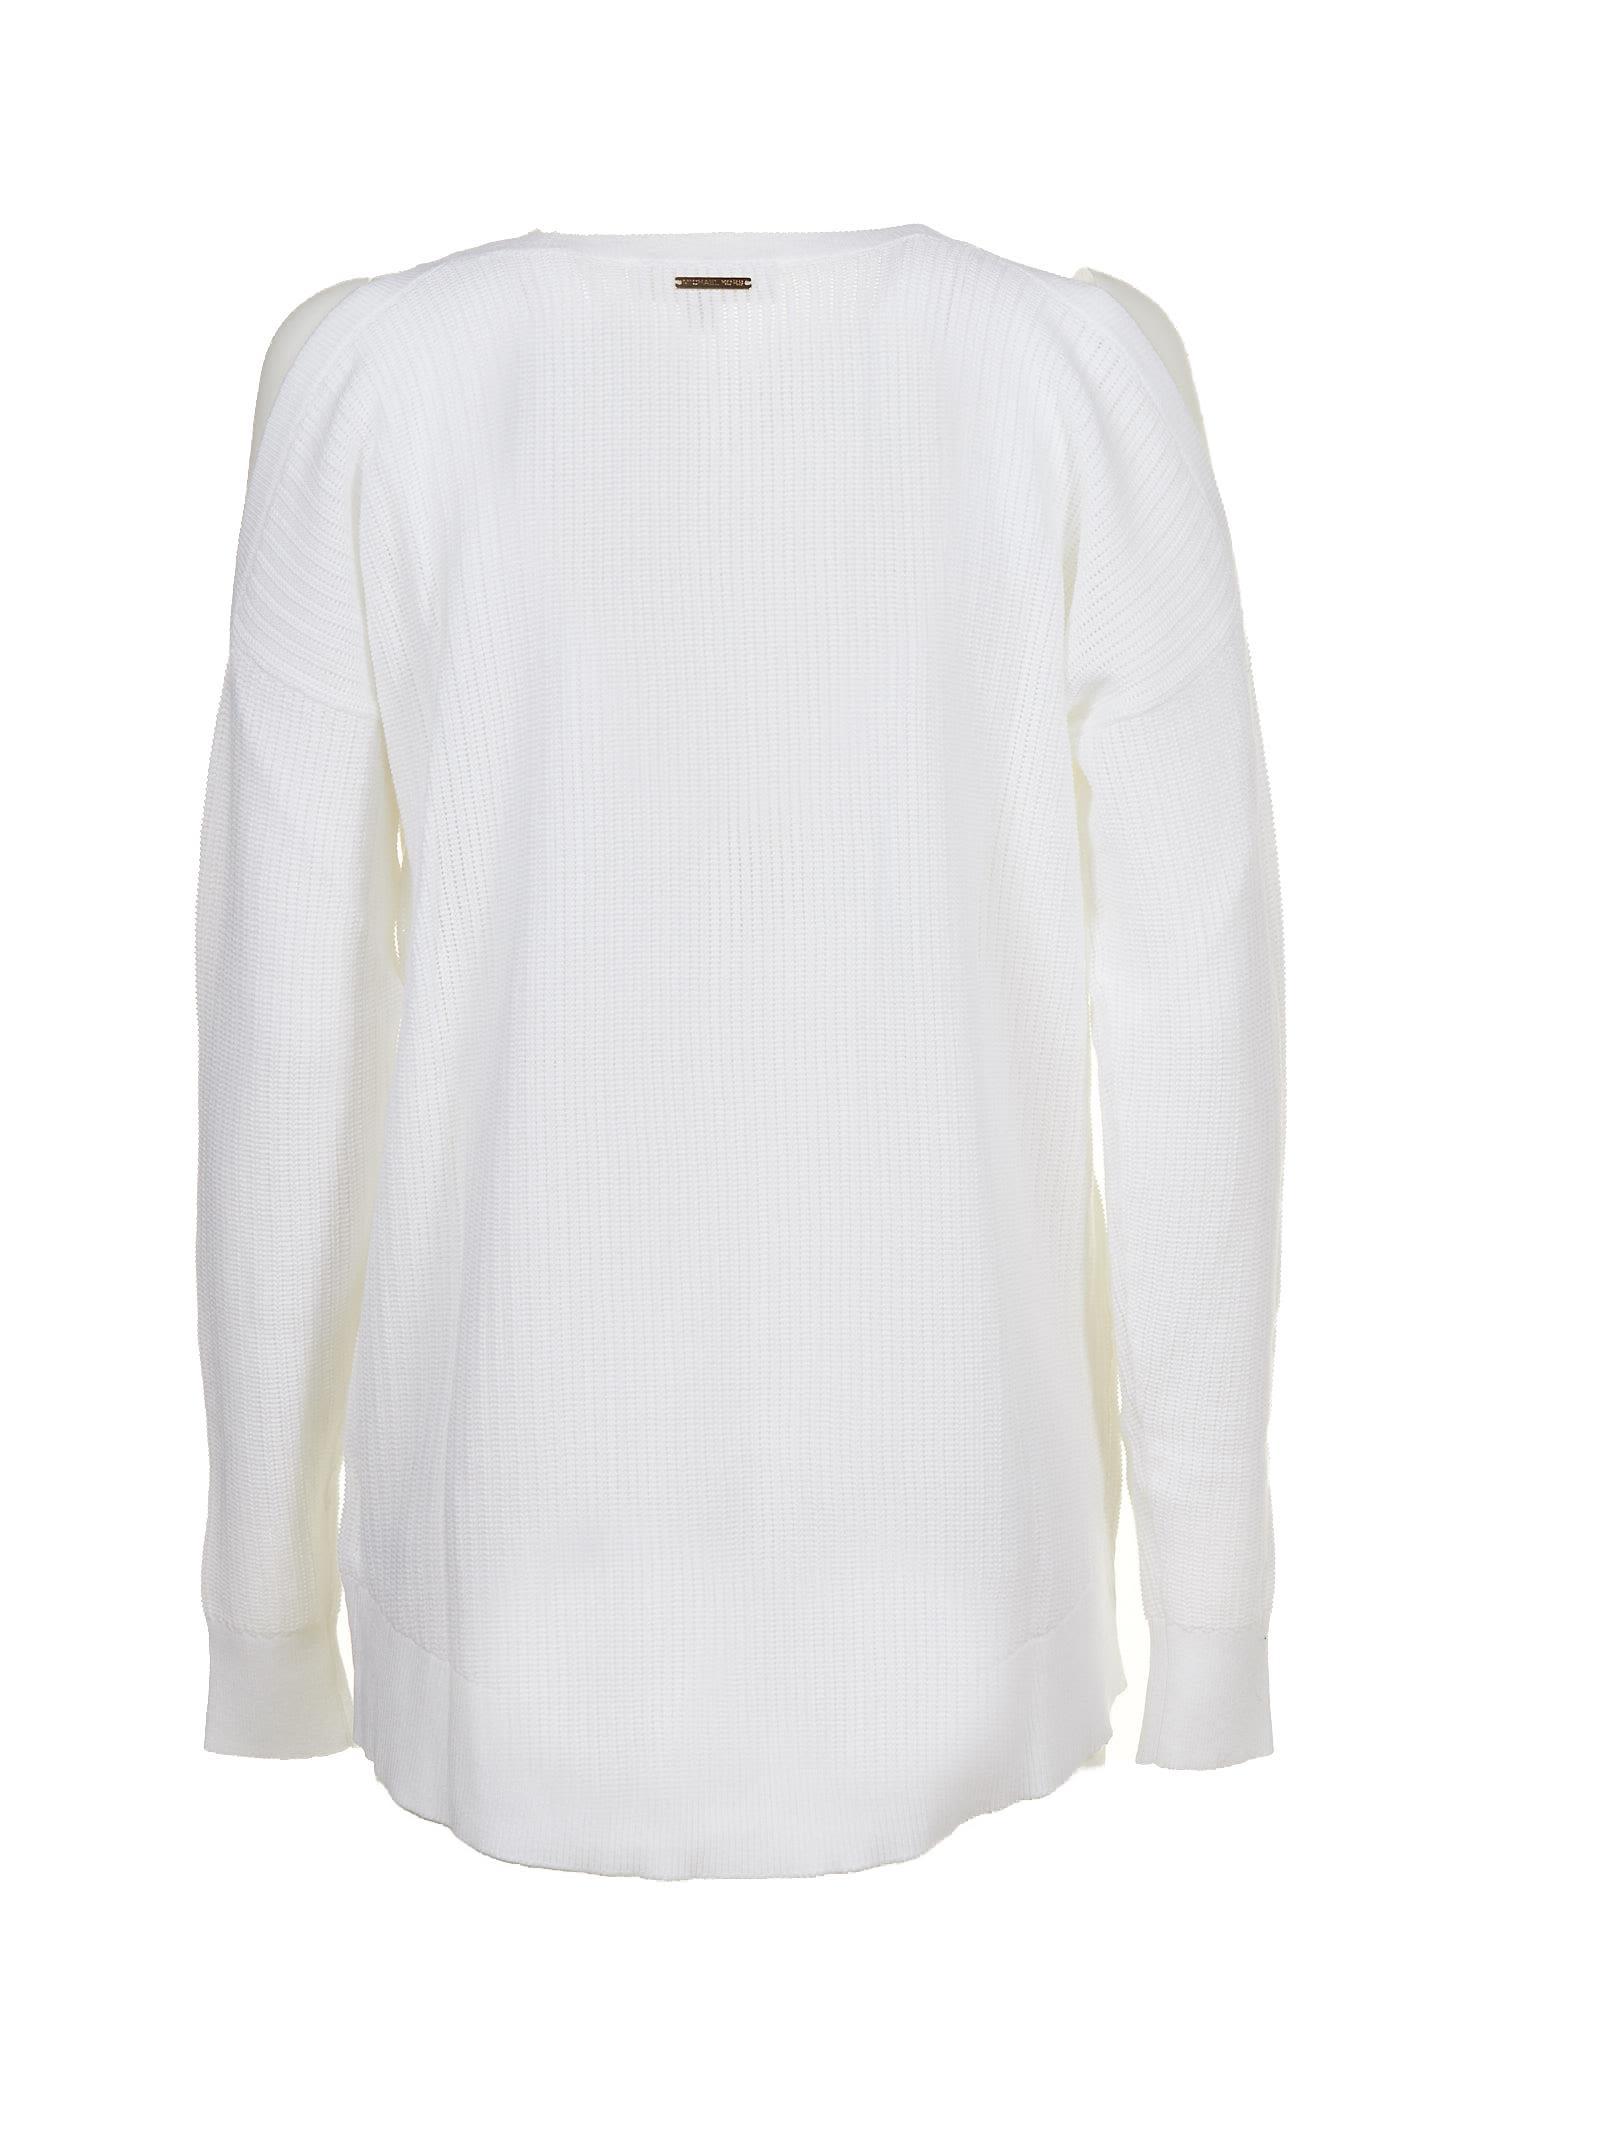 6c5e10b9e MICHAEL Michael Kors Sweater - Bianco MICHAEL Michael Kors Sweater - Bianco